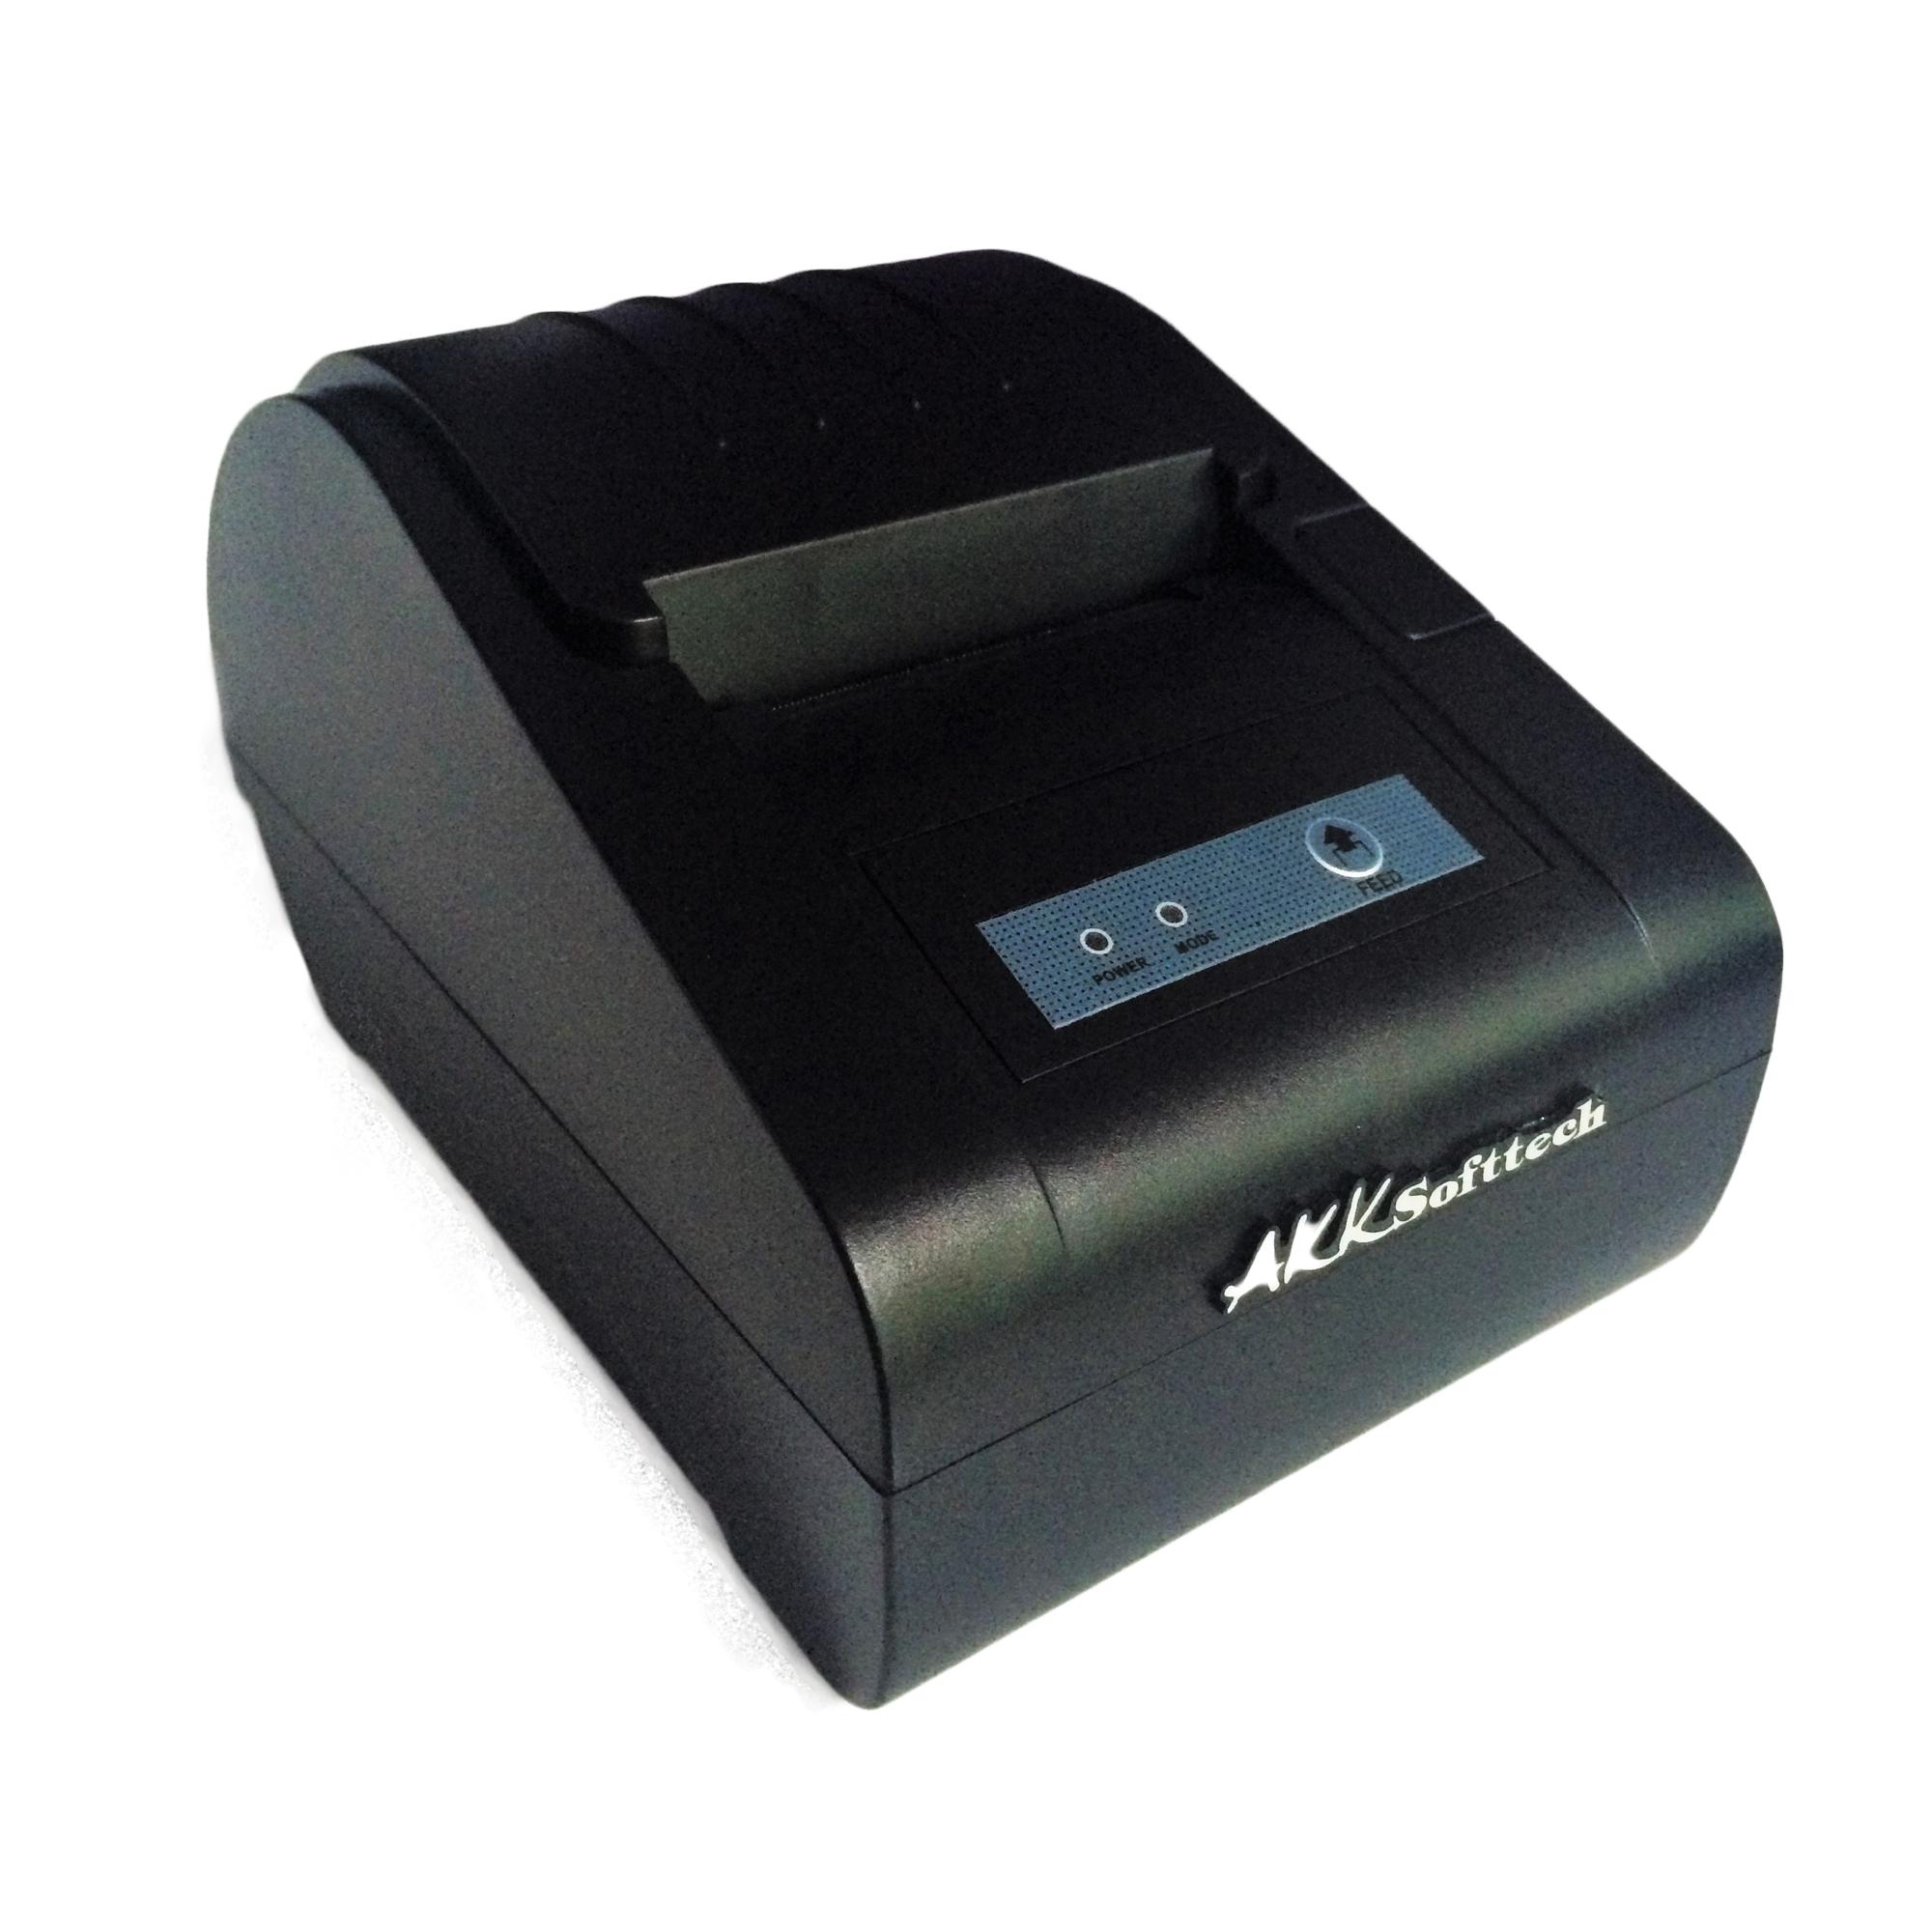 เครื่องพิมพ์ใบเสร็จหัวความร้อนขนาด 58 มม. ราคาถูก (IN-58B)